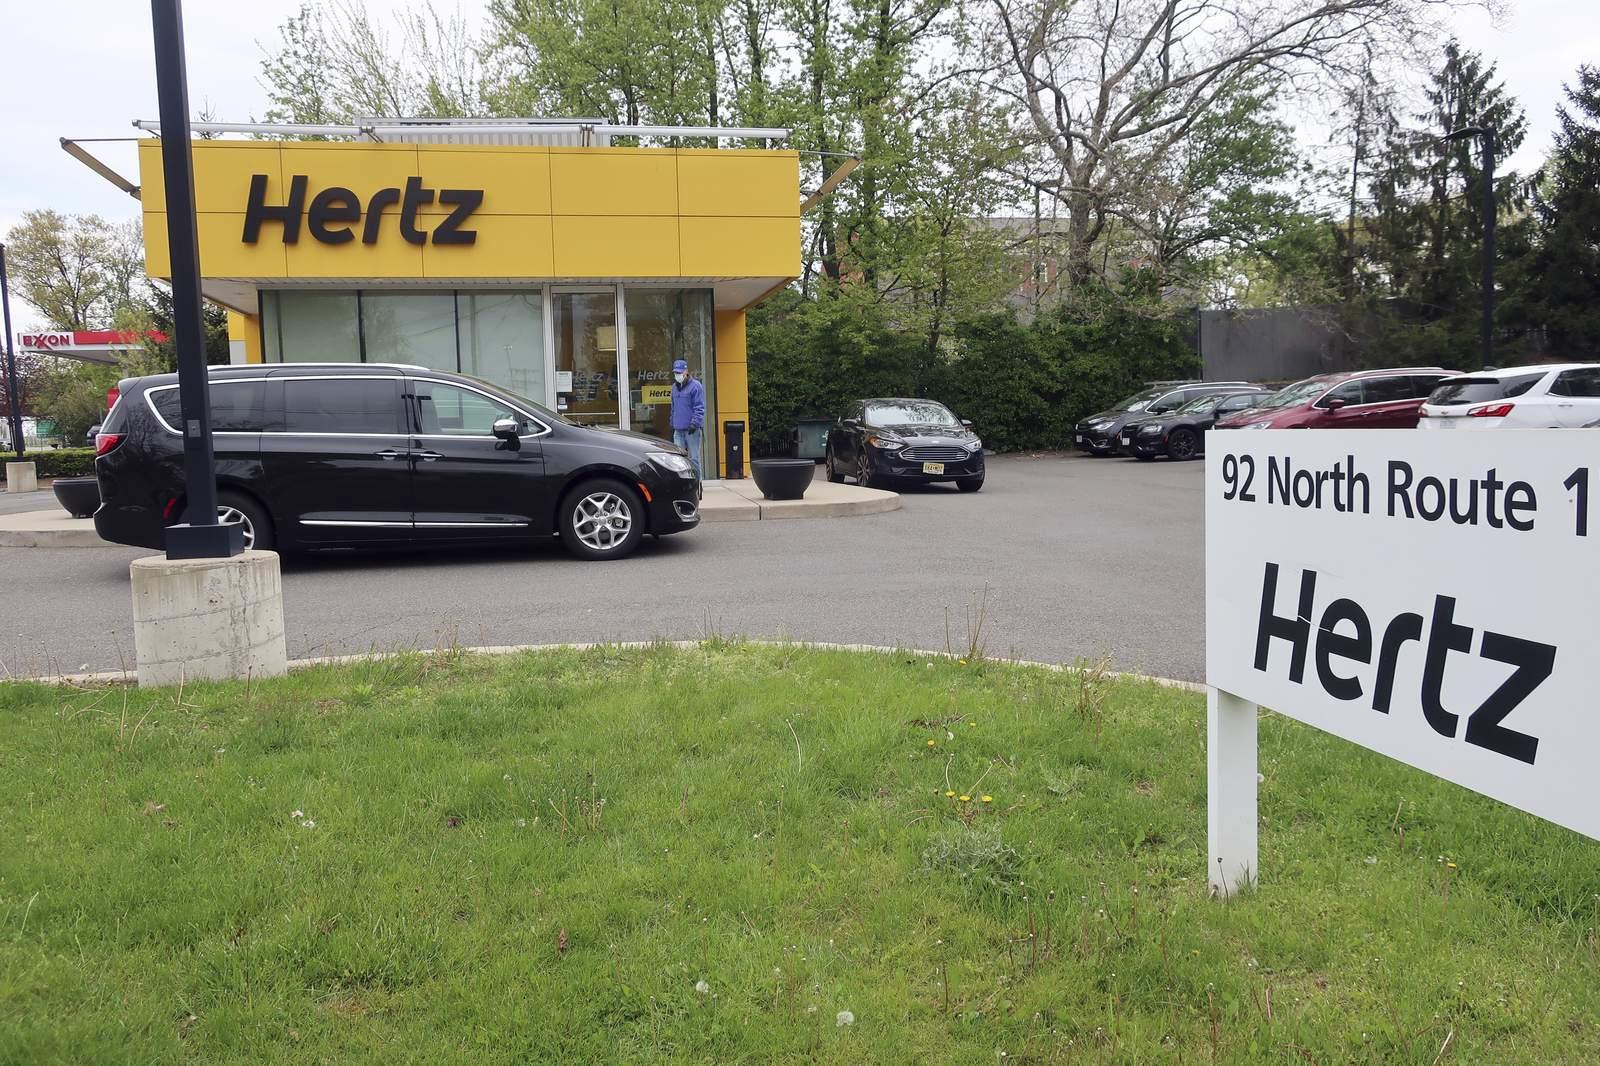 租车公司赫兹近日申请破产,低于12%市场价兜售所属车辆